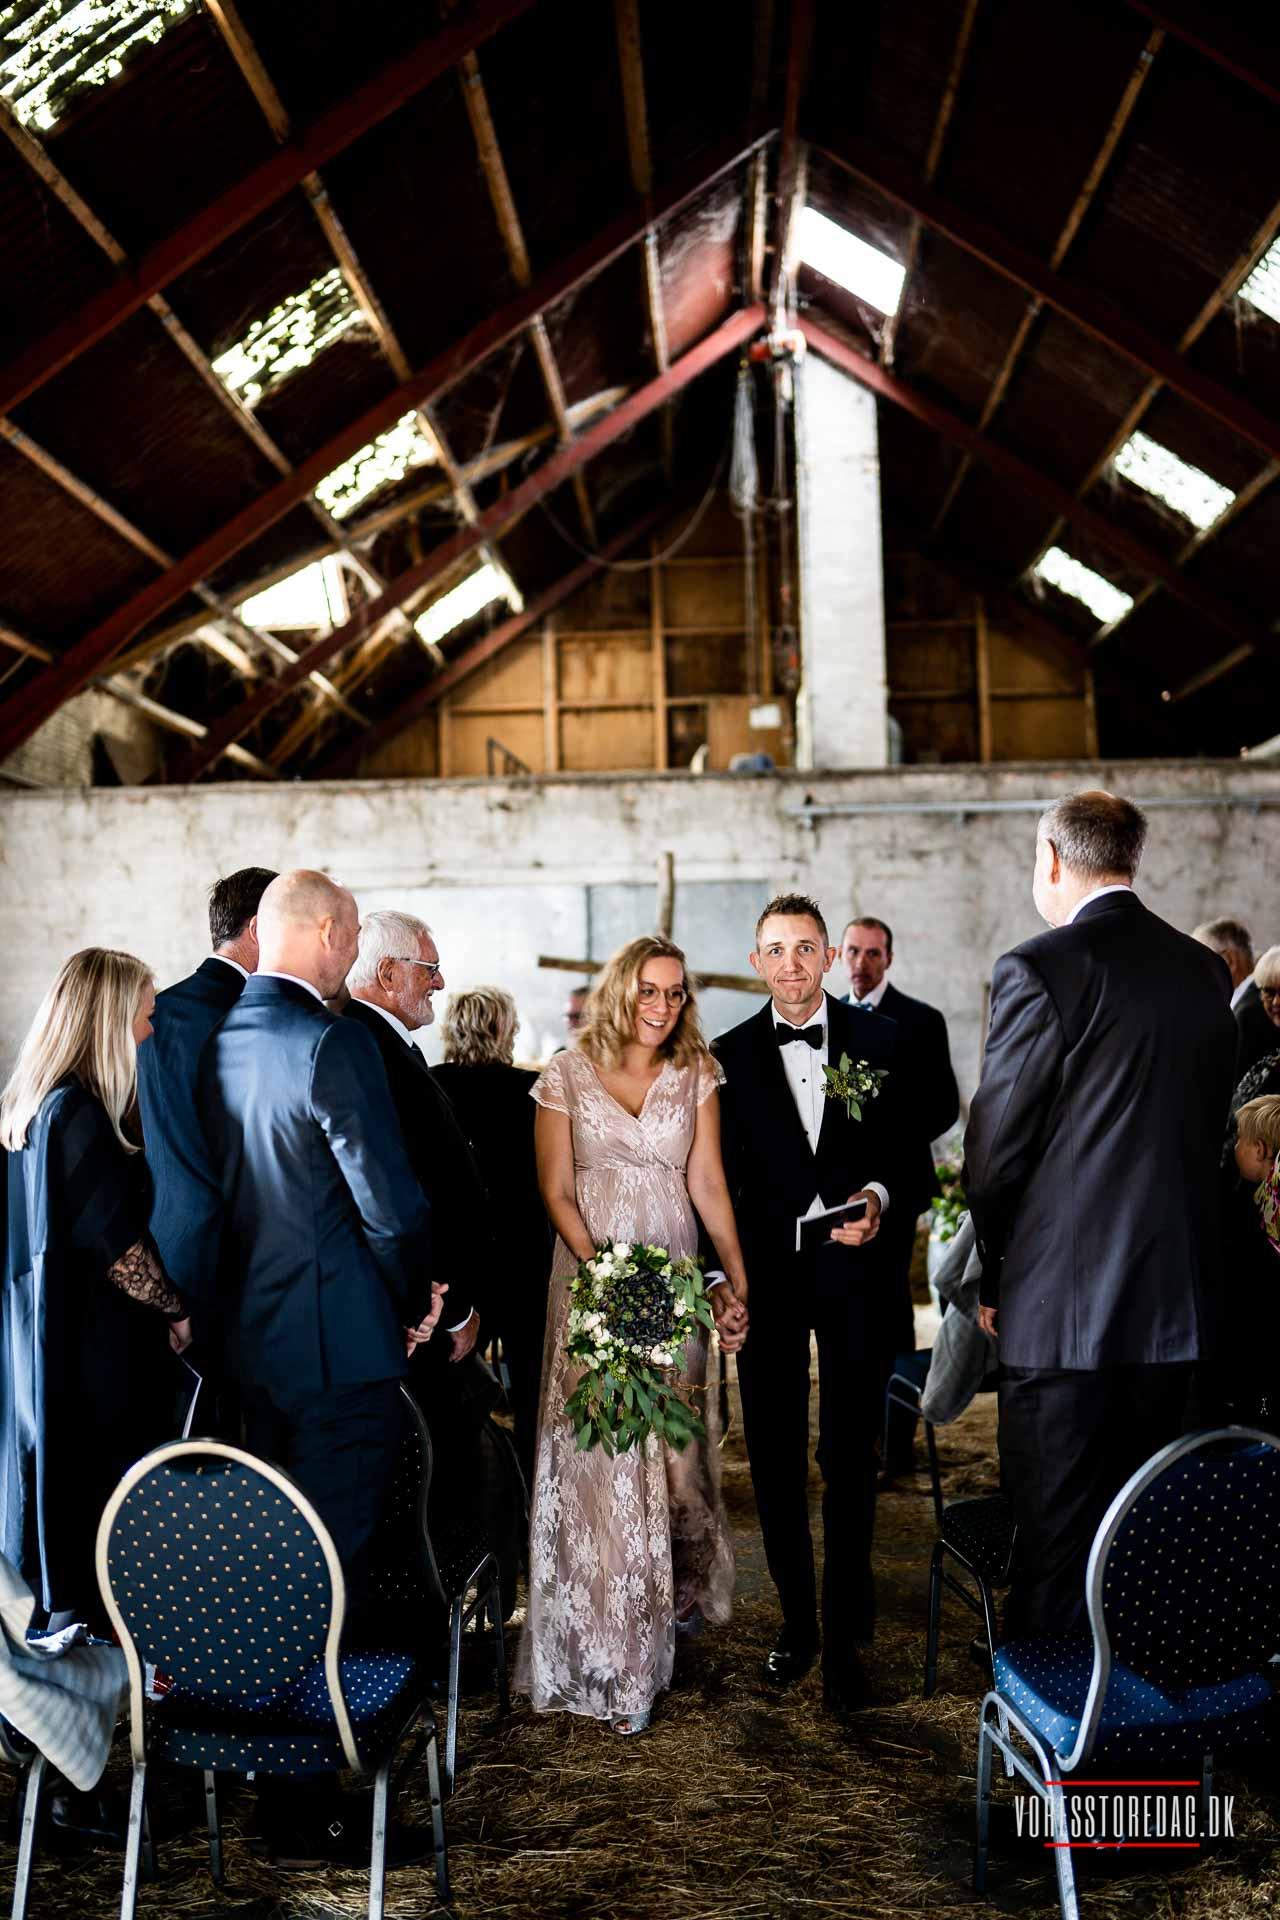 Bryllup lade Bryllup og fest med overnatning